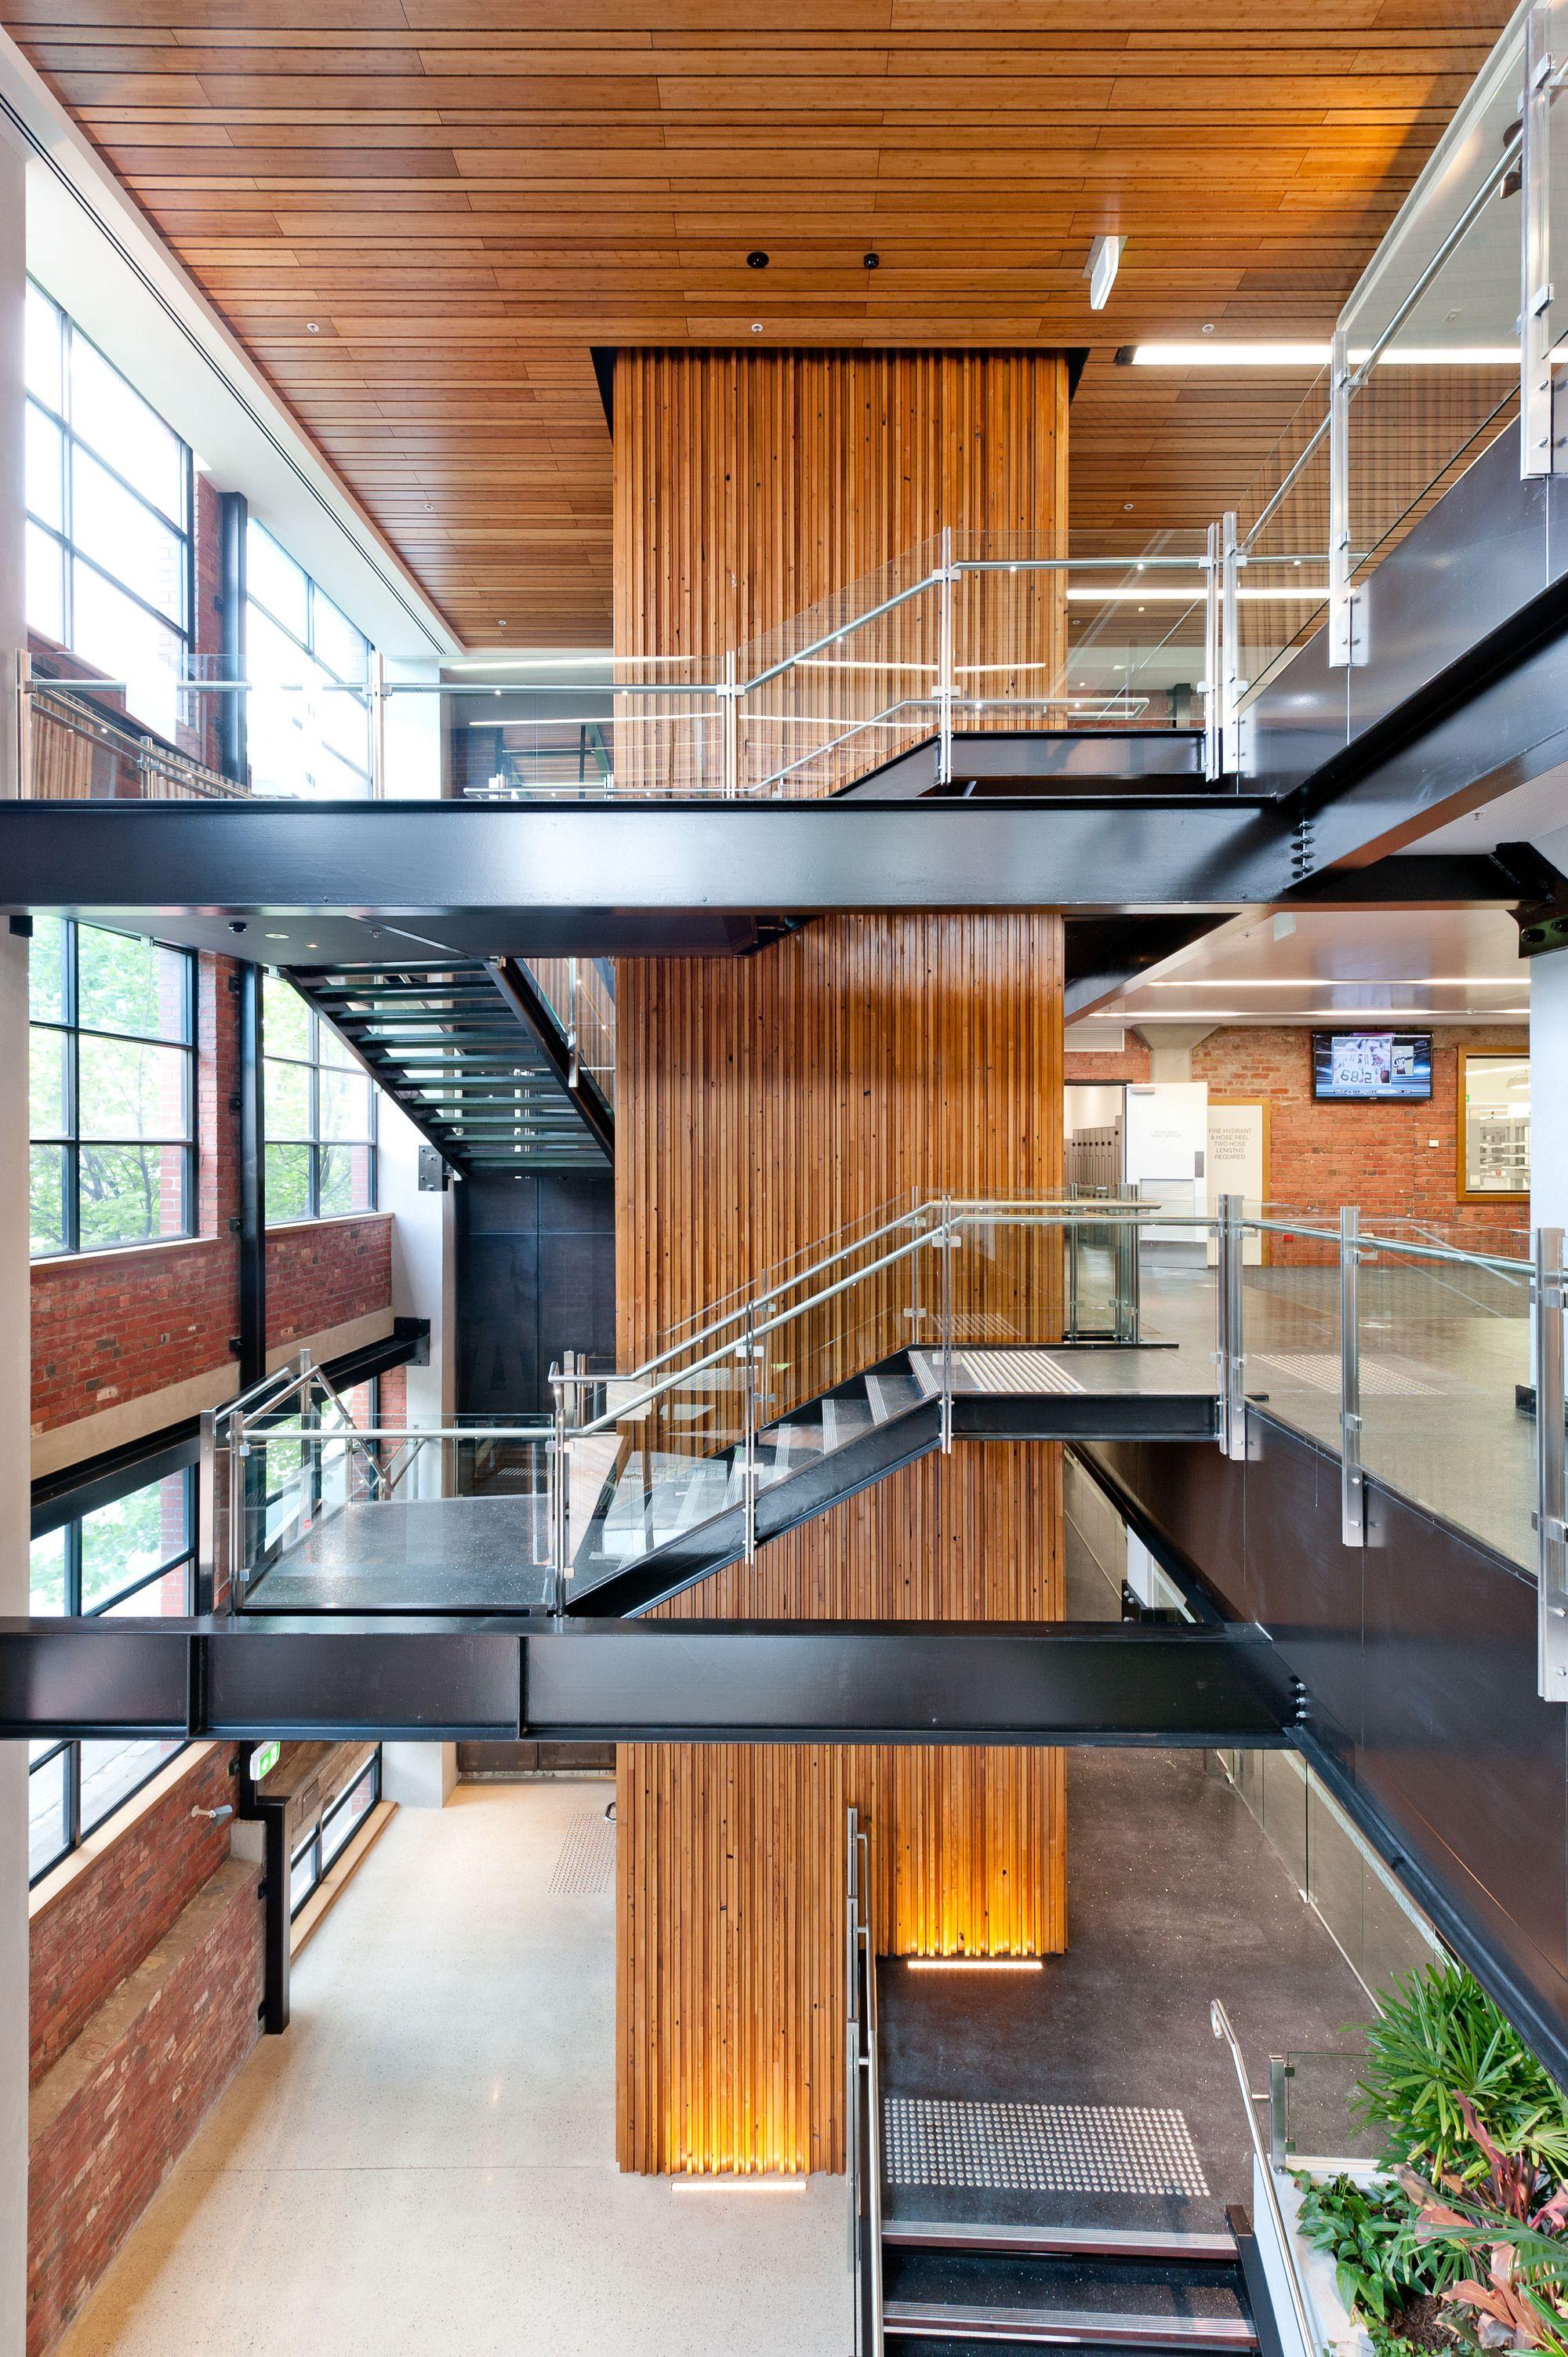 Centro de Processamento de Melbourne e Hemocentro da Cruz Vermelha Australiana / At Design Inc